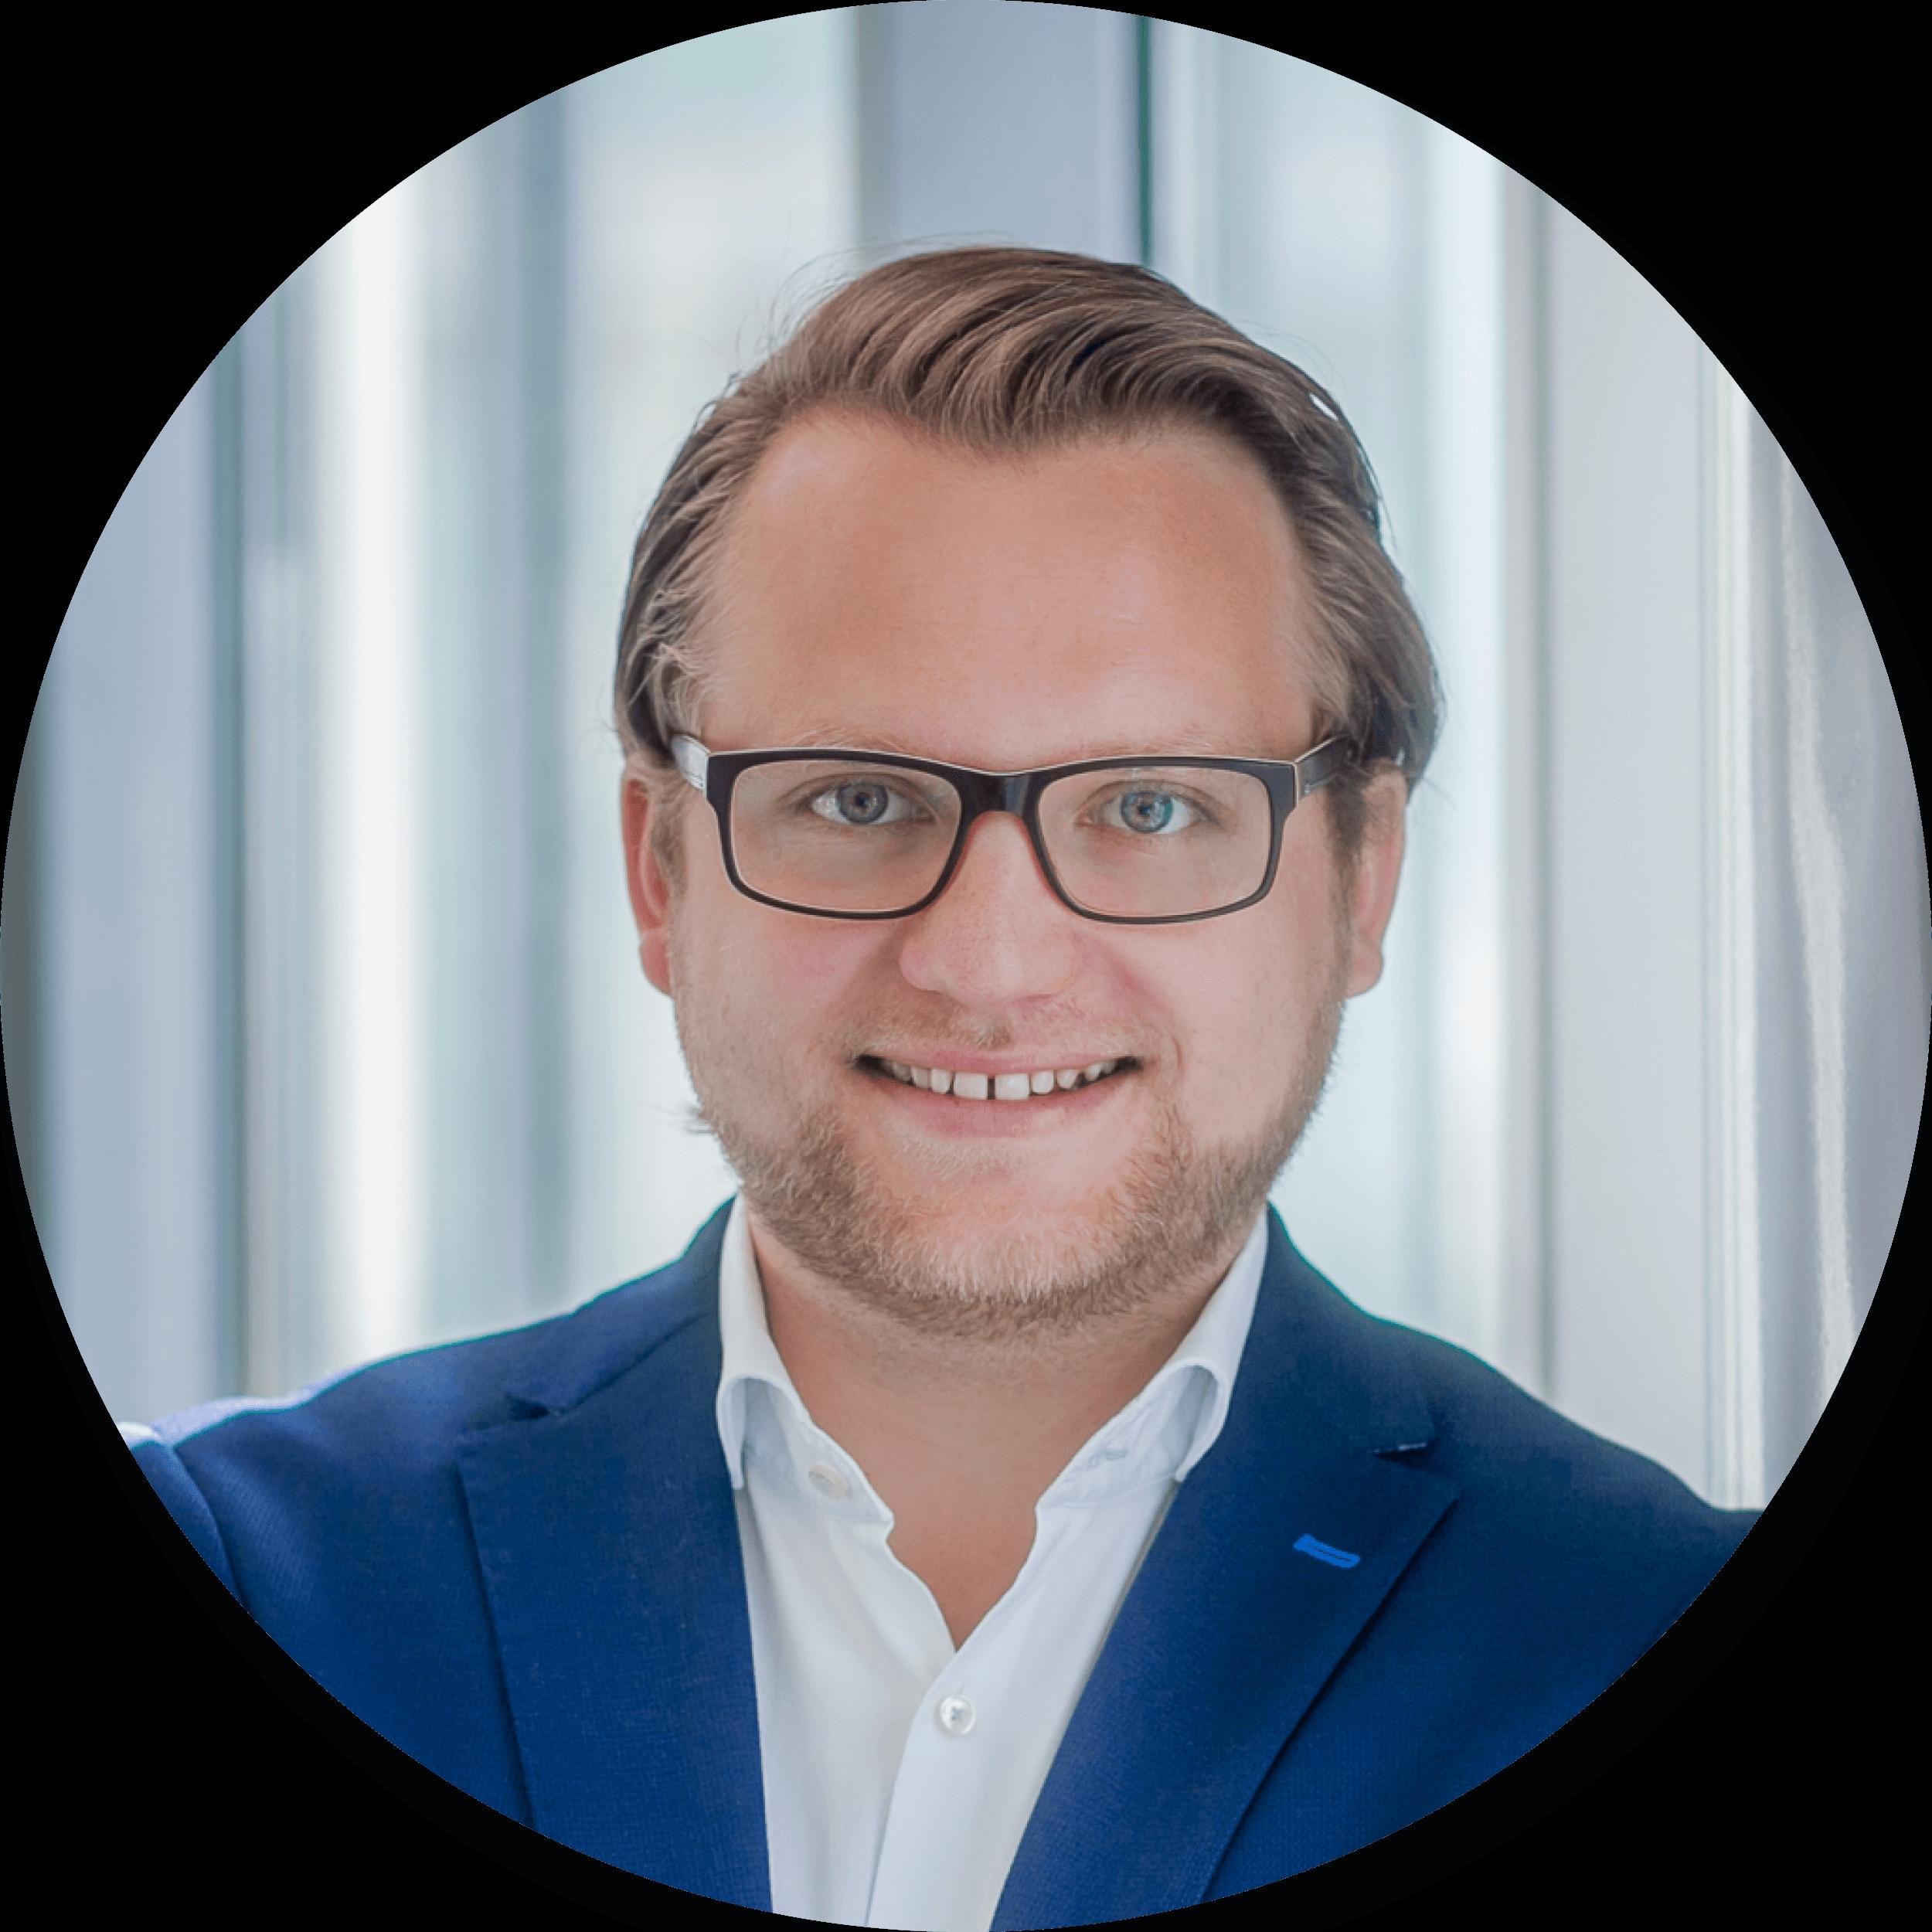 Ansprechpartner Matthias Graef